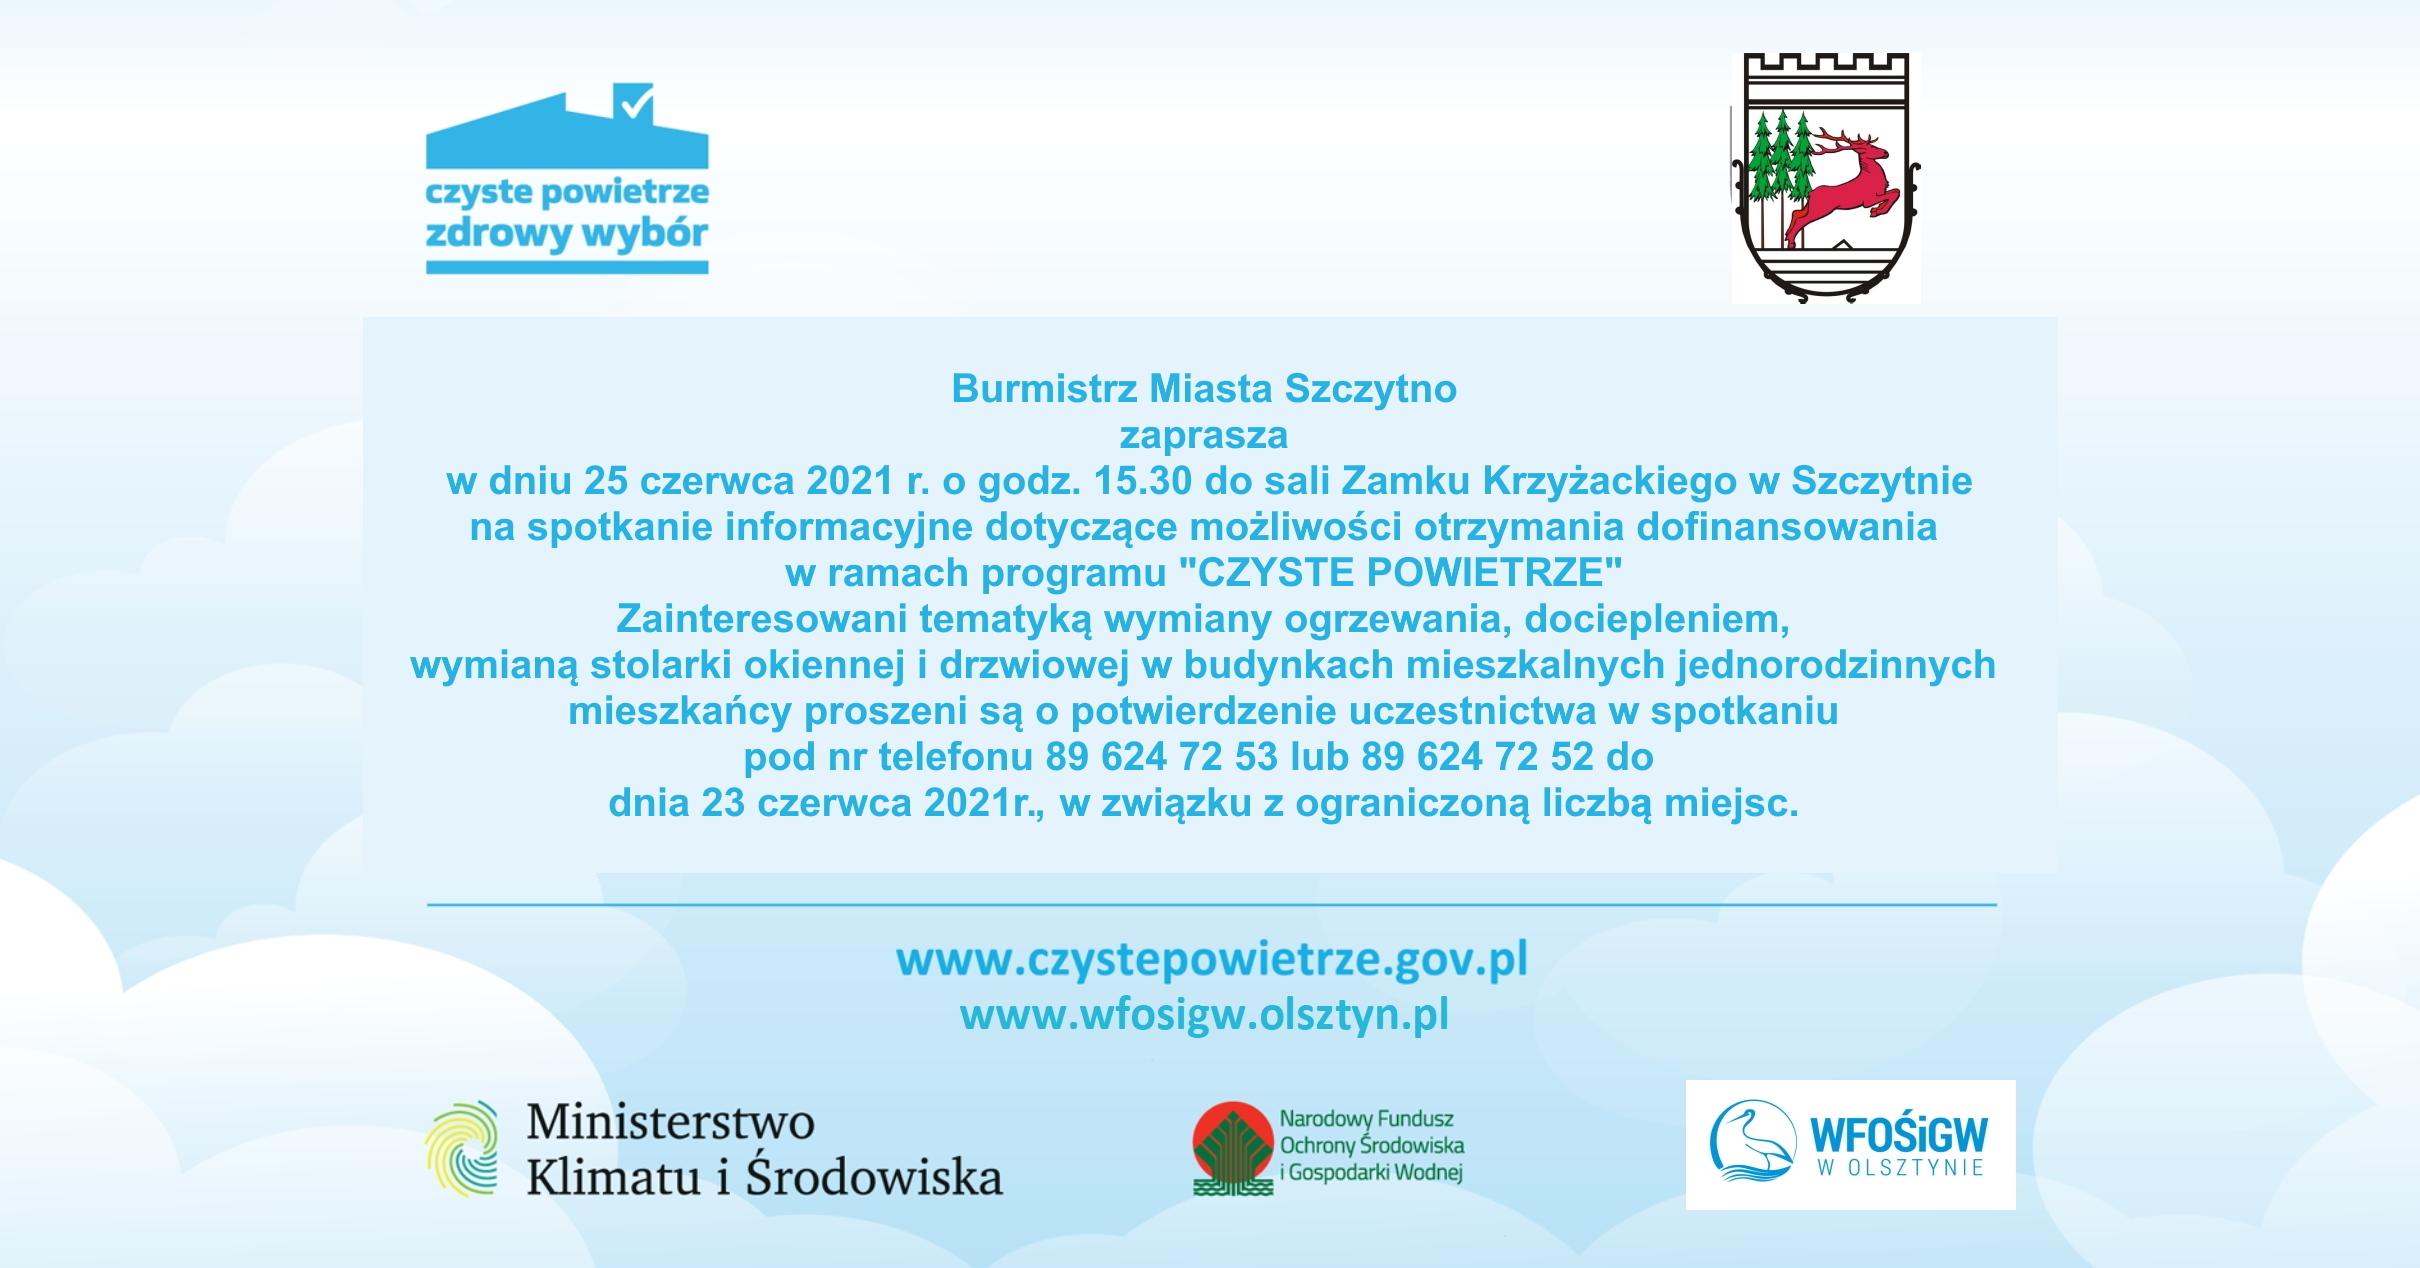 https://m.powiatszczycienski.pl/2021/06/orig/wzor-tablicy-dla-gminnych-punktow-info-promo-programu-czyste-powietrze-poziom-2-3-41110.jpg